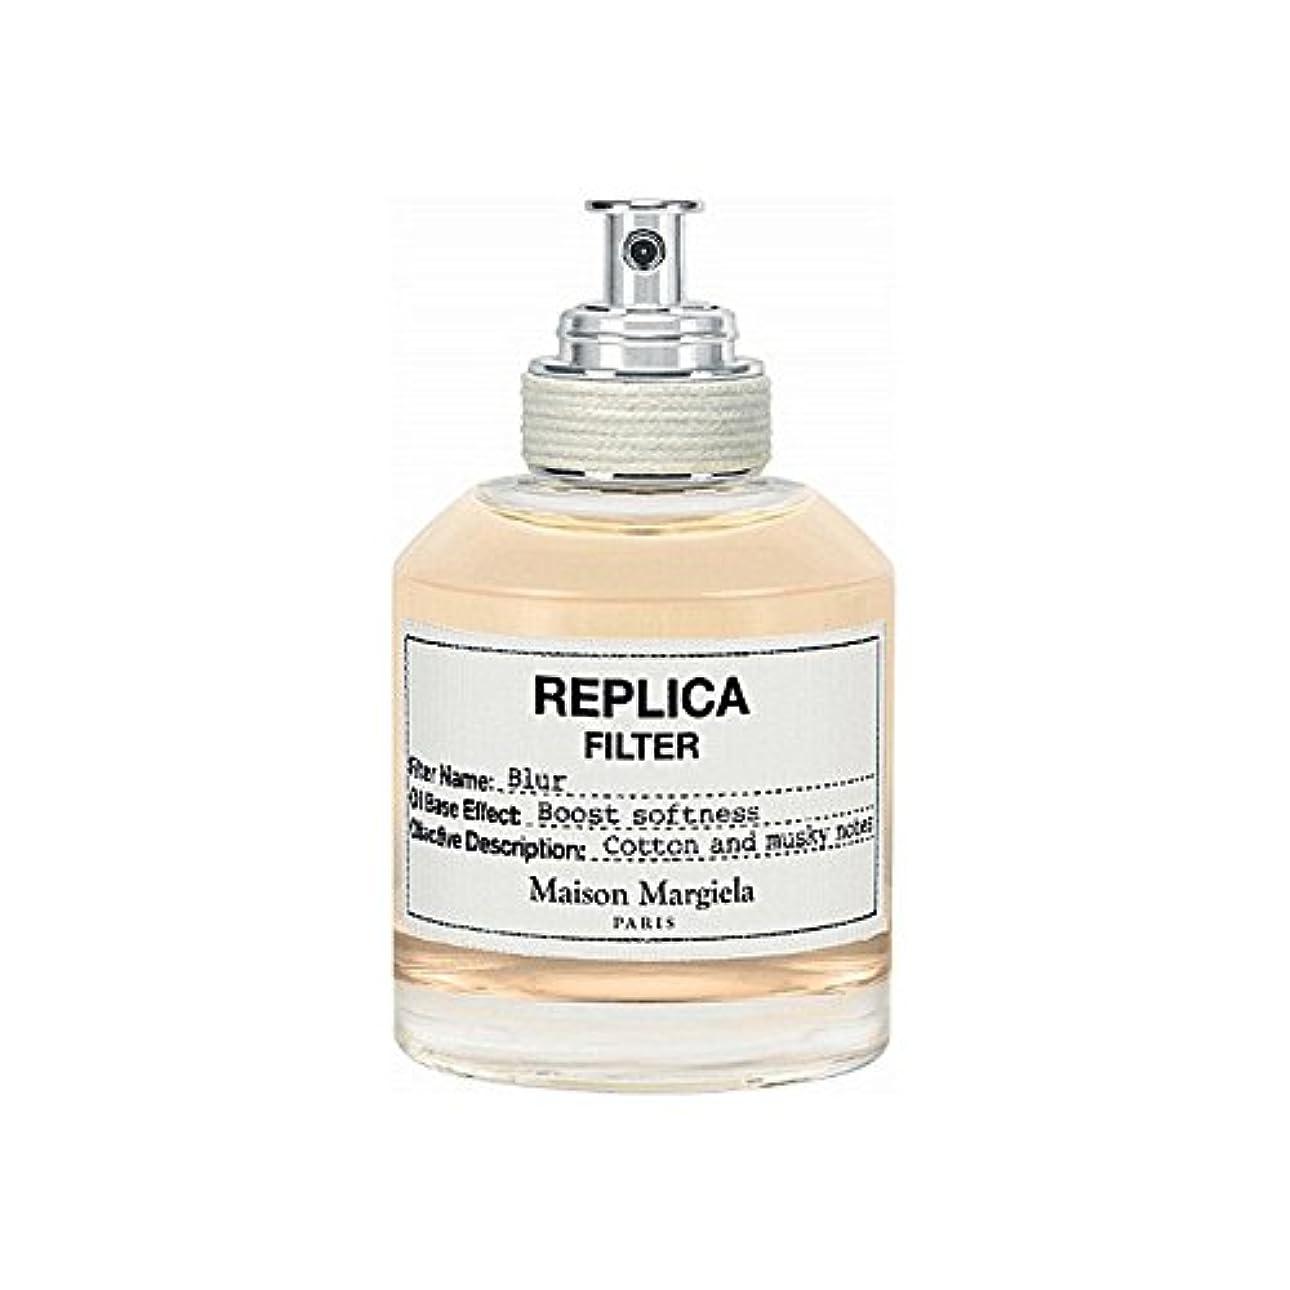 トリクル気づくなるアフリカMaison Margiela Blur Replica Filter 50ml (Pack of 6) - メゾンマルジェラのぼかしレプリカフィルタ50ミリリットル x6 [並行輸入品]